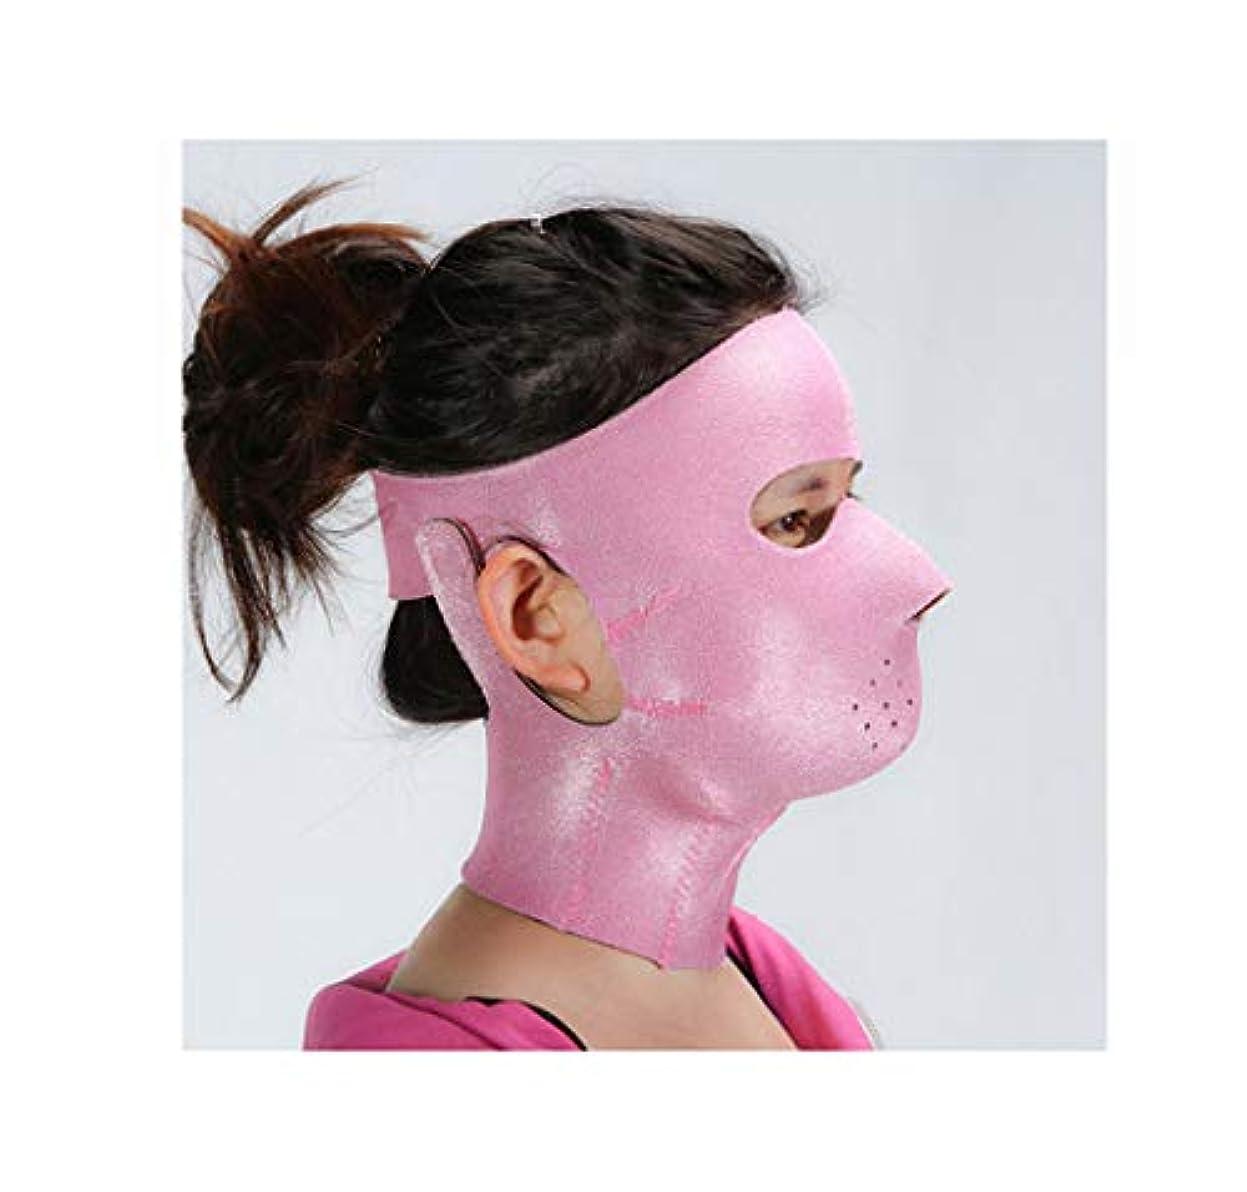 全国豊かにする探すTLMY 薄い顔マスクマスクプラス薄いマスク引き締めアンチエイジング薄いマスク顔の薄い顔マスクアーティファクト美容ネックバンド 顔用整形マスク